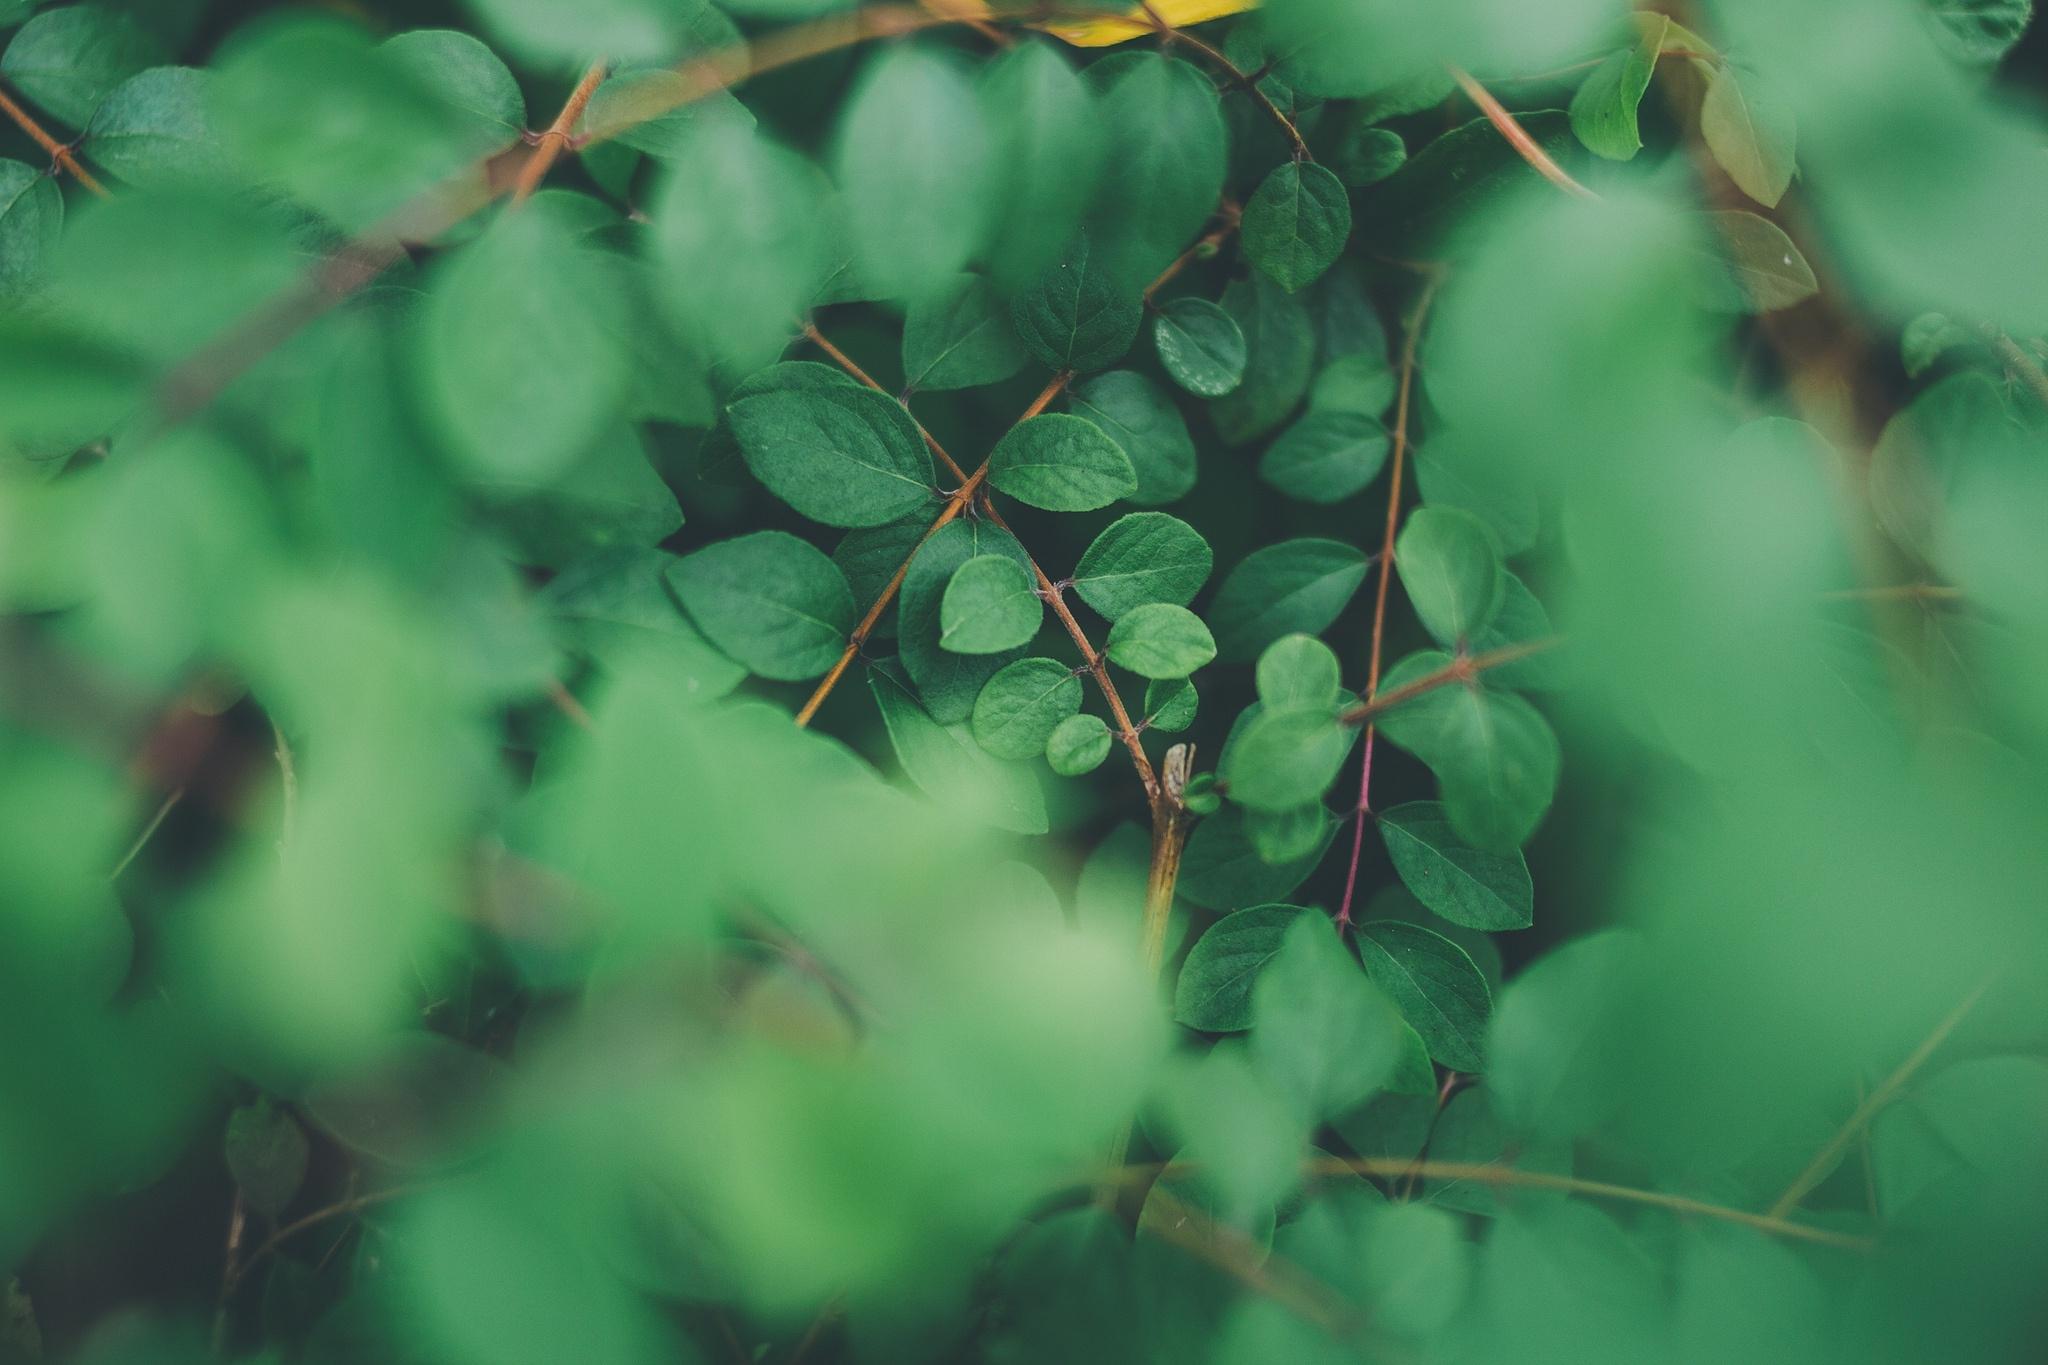 Зеленые картинки для твиттера